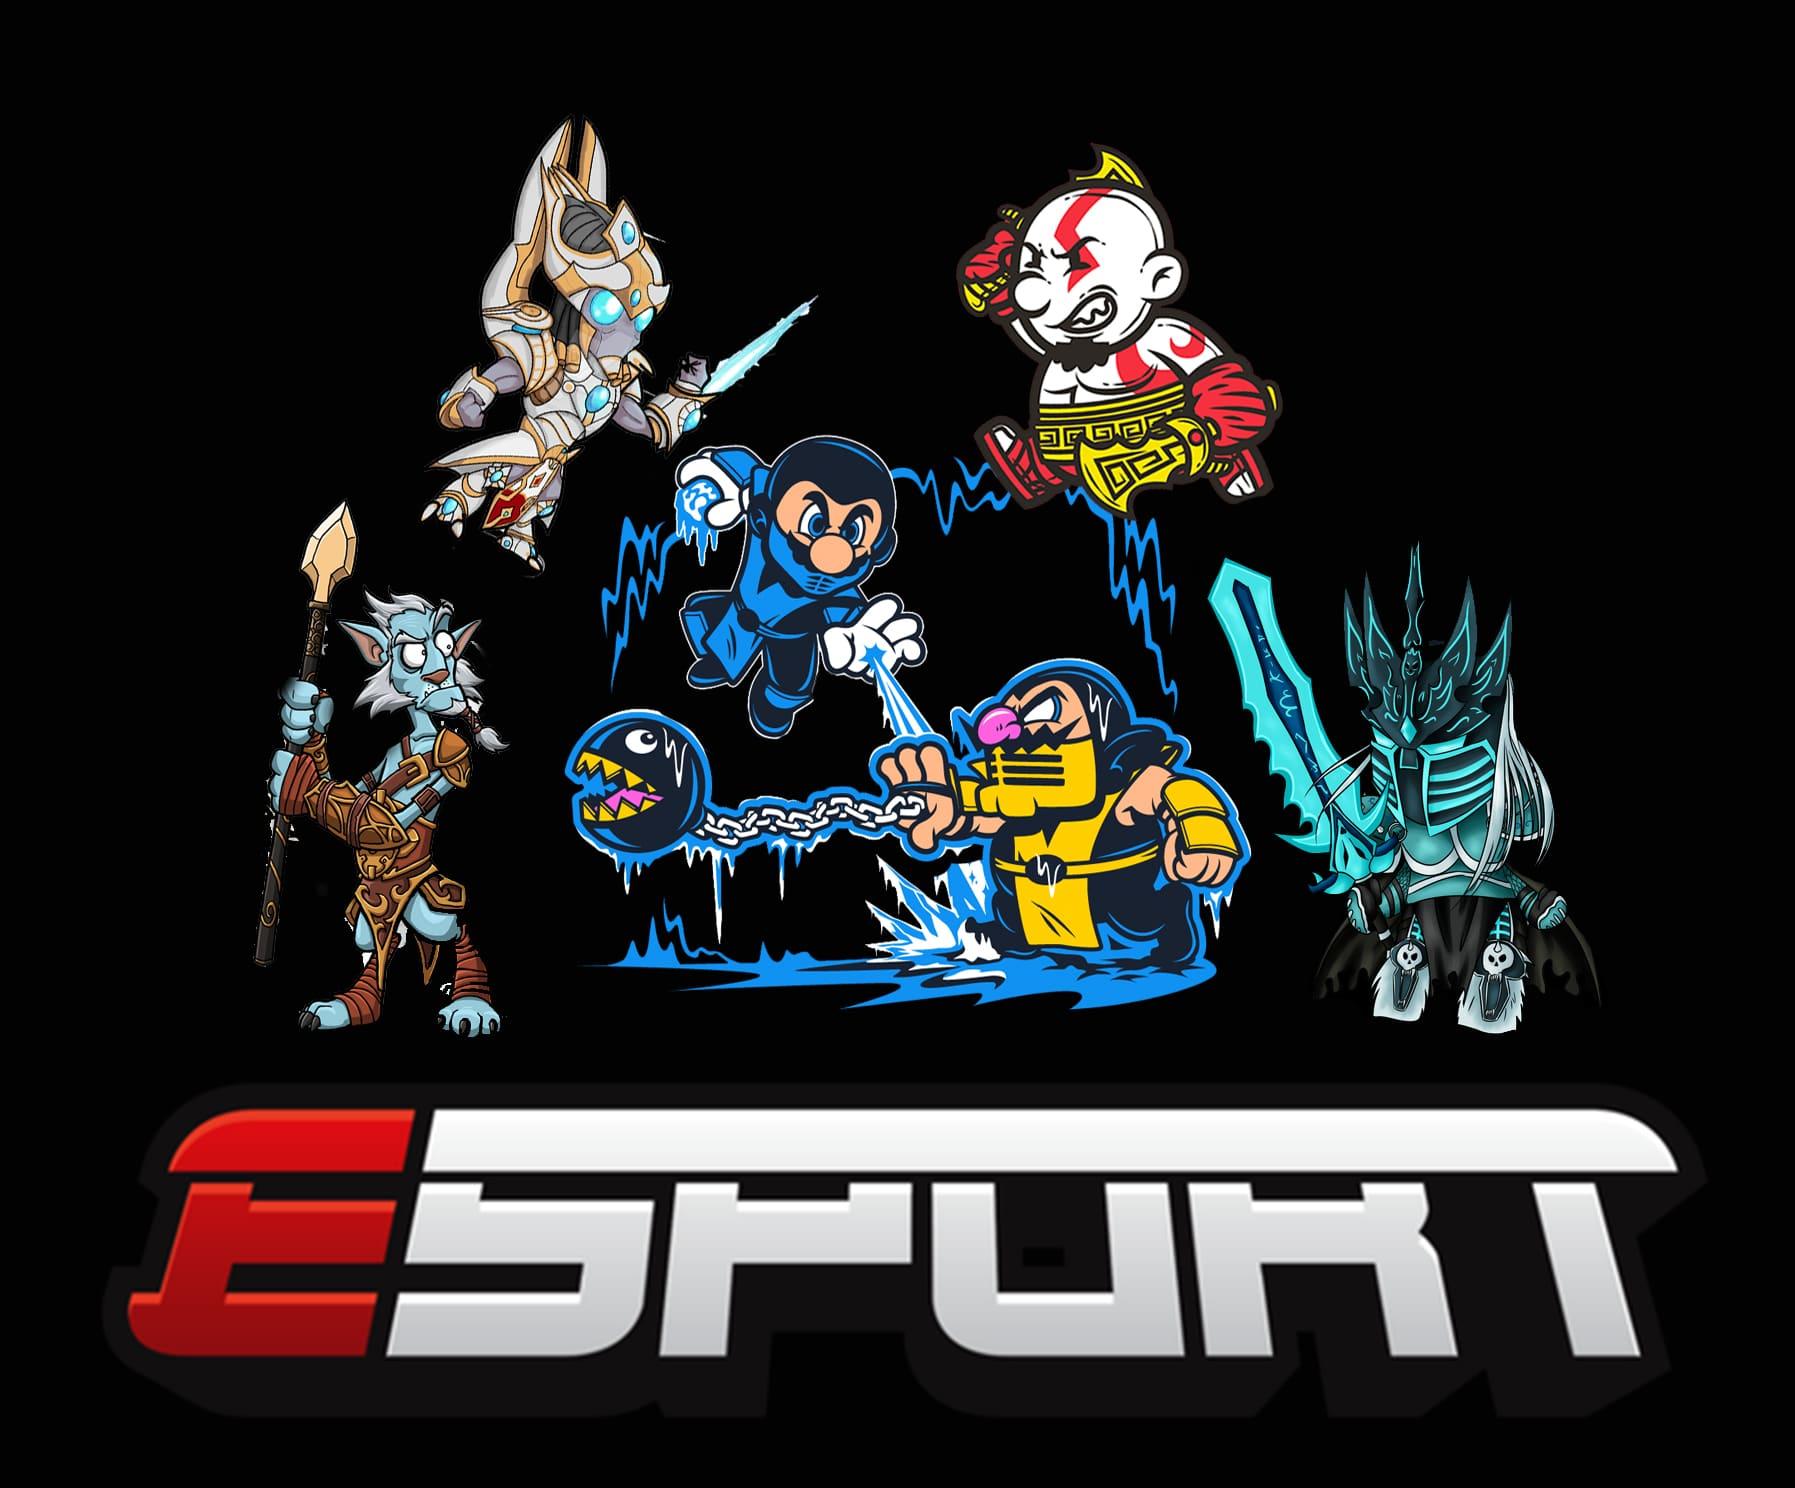 Esport & Publicité - Diffusion de compétition de jeux vidéo & sponsors